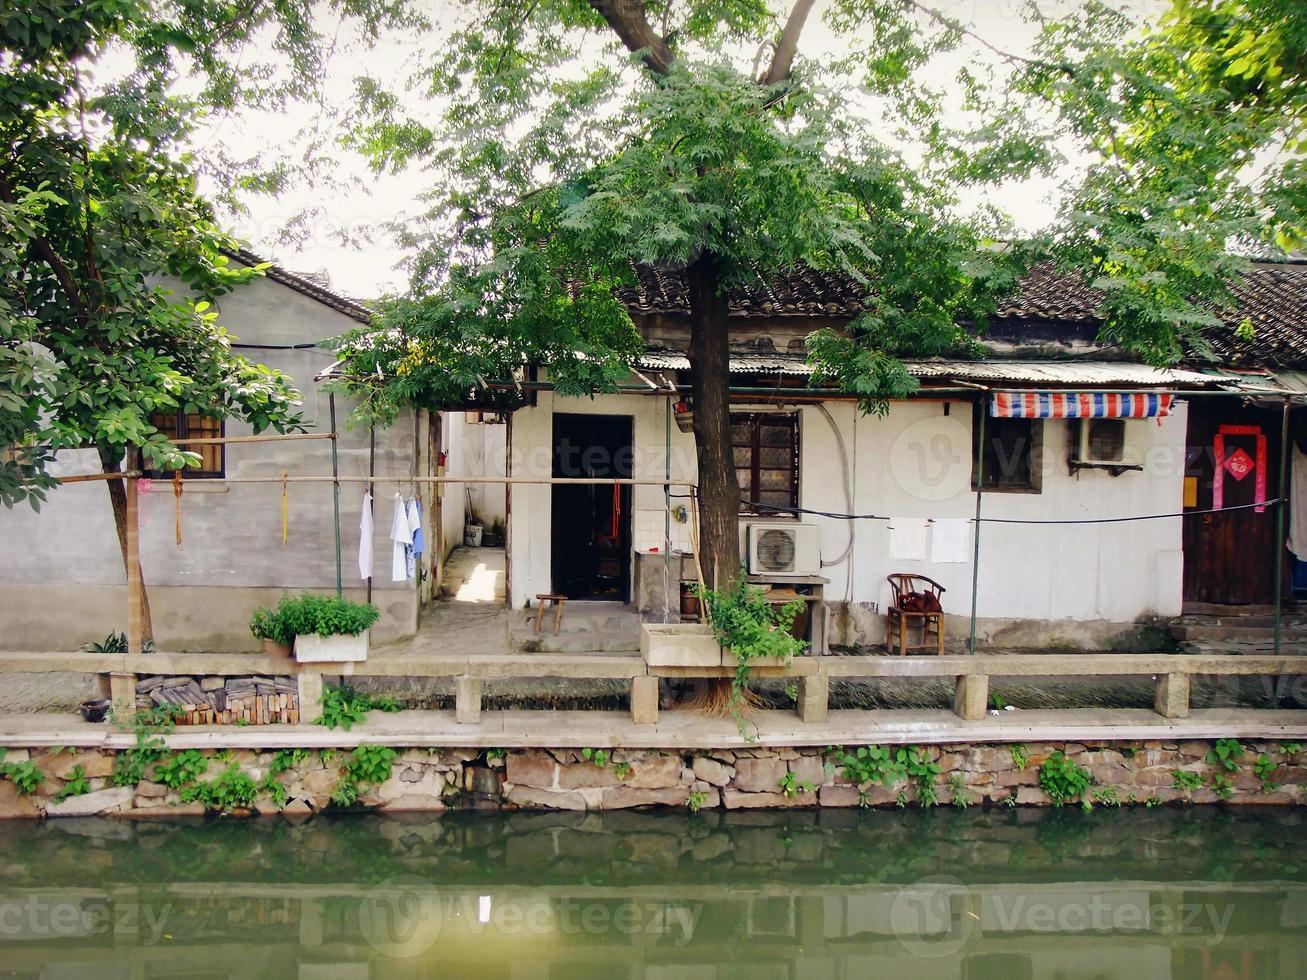 pingjiang oude straat in suzhou, china foto